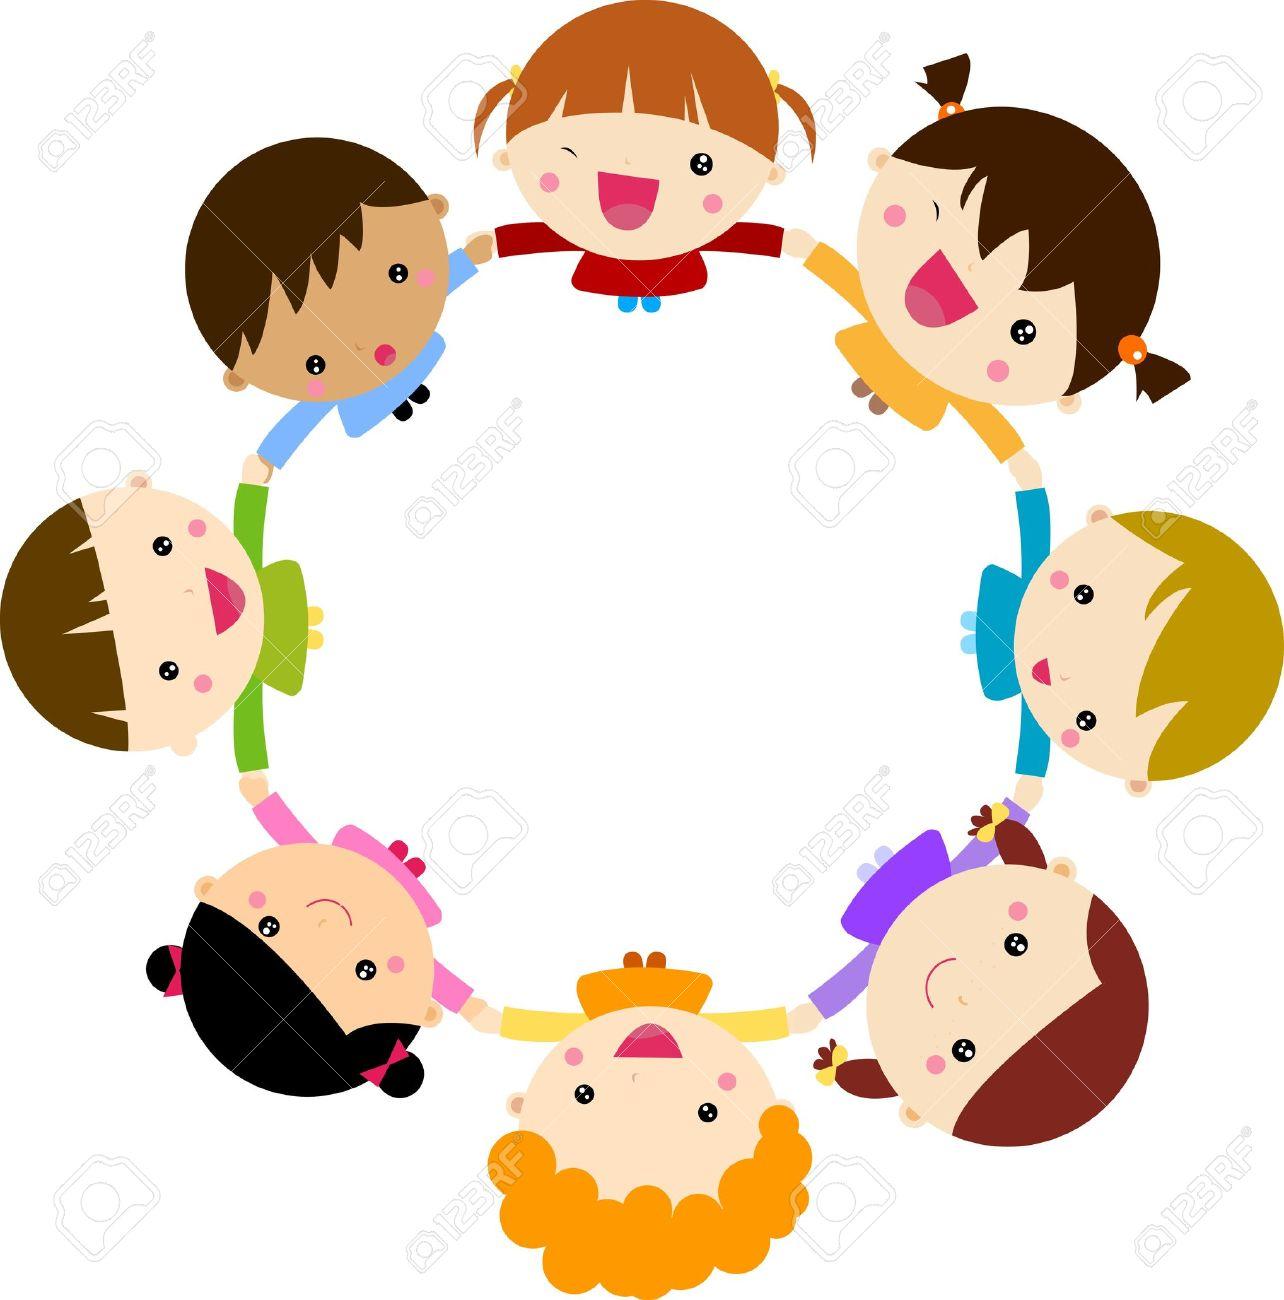 Los Niños Tomados De La Mano Ilustraciones Vectoriales Clip Art